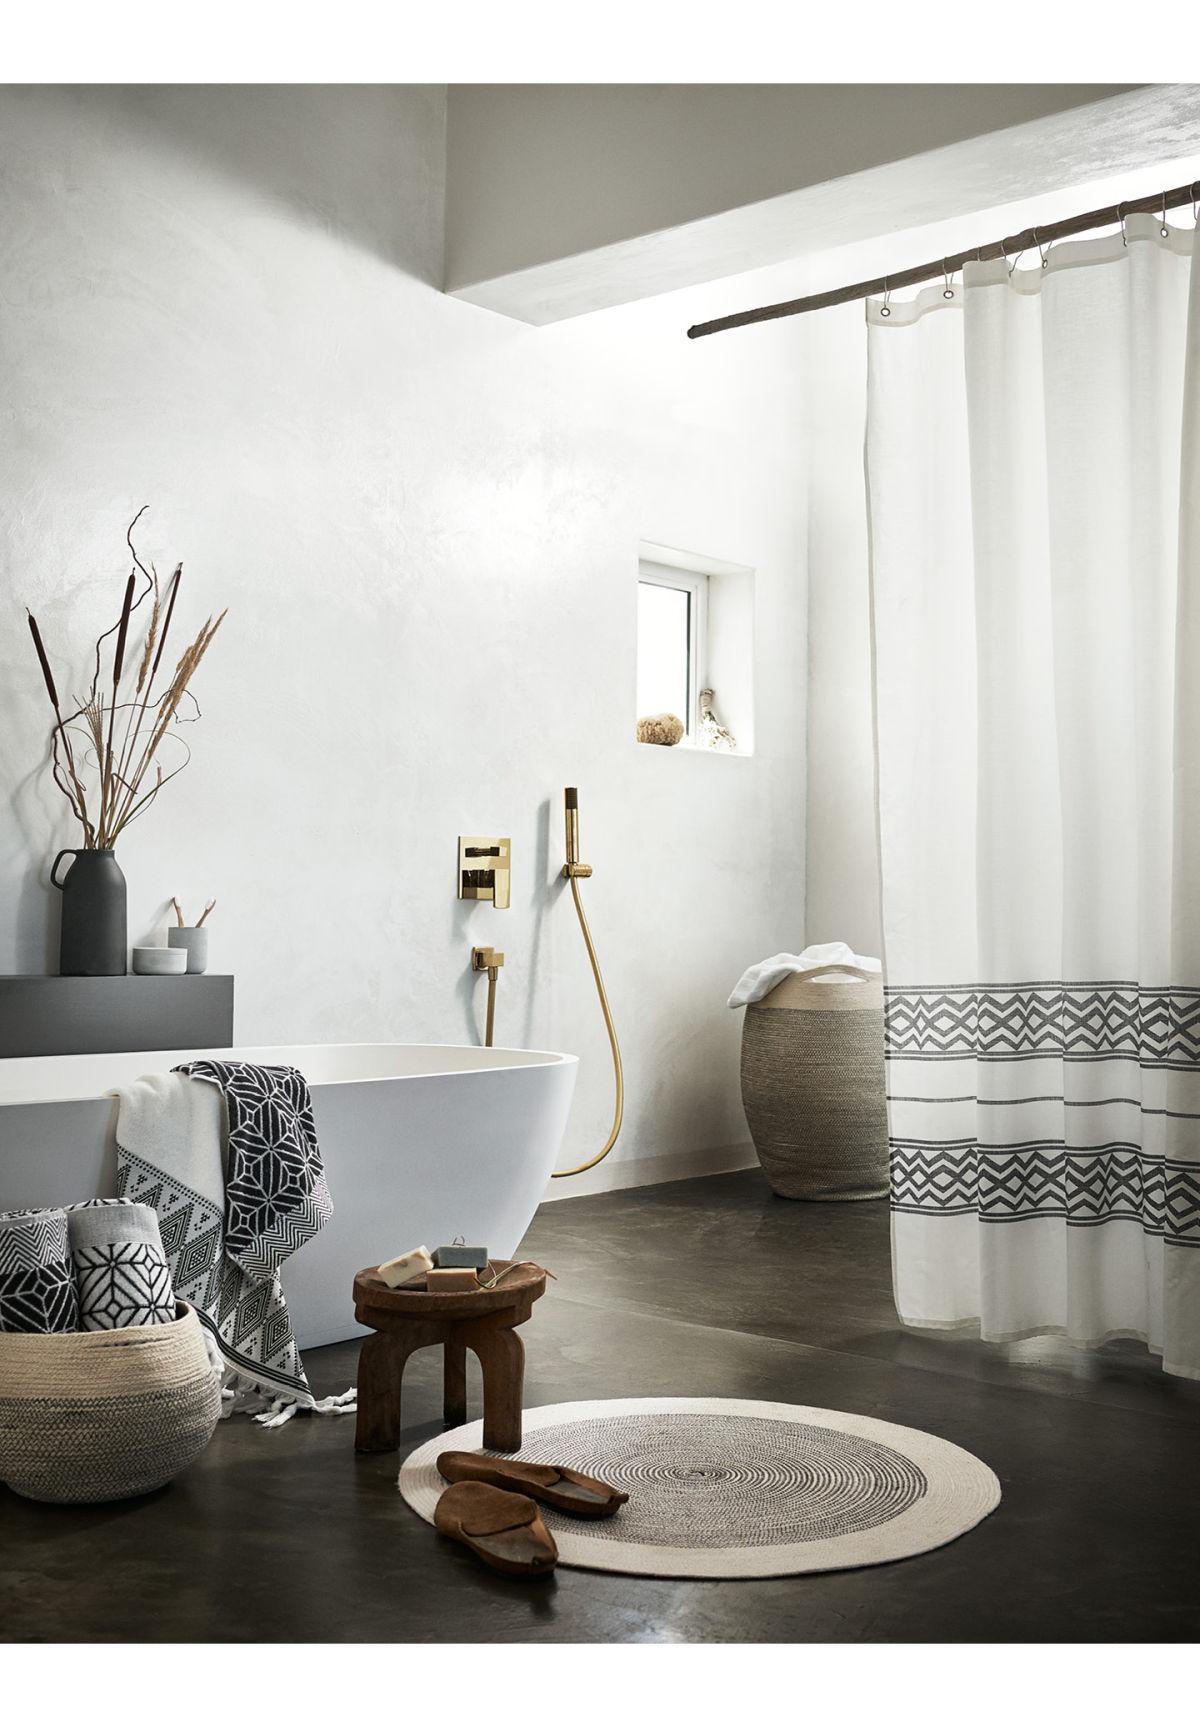 het is stijlvol sfeervol n het geeft jouw interieur een luxe uitstraling benieuwd naar de natural touch collectie van hm home